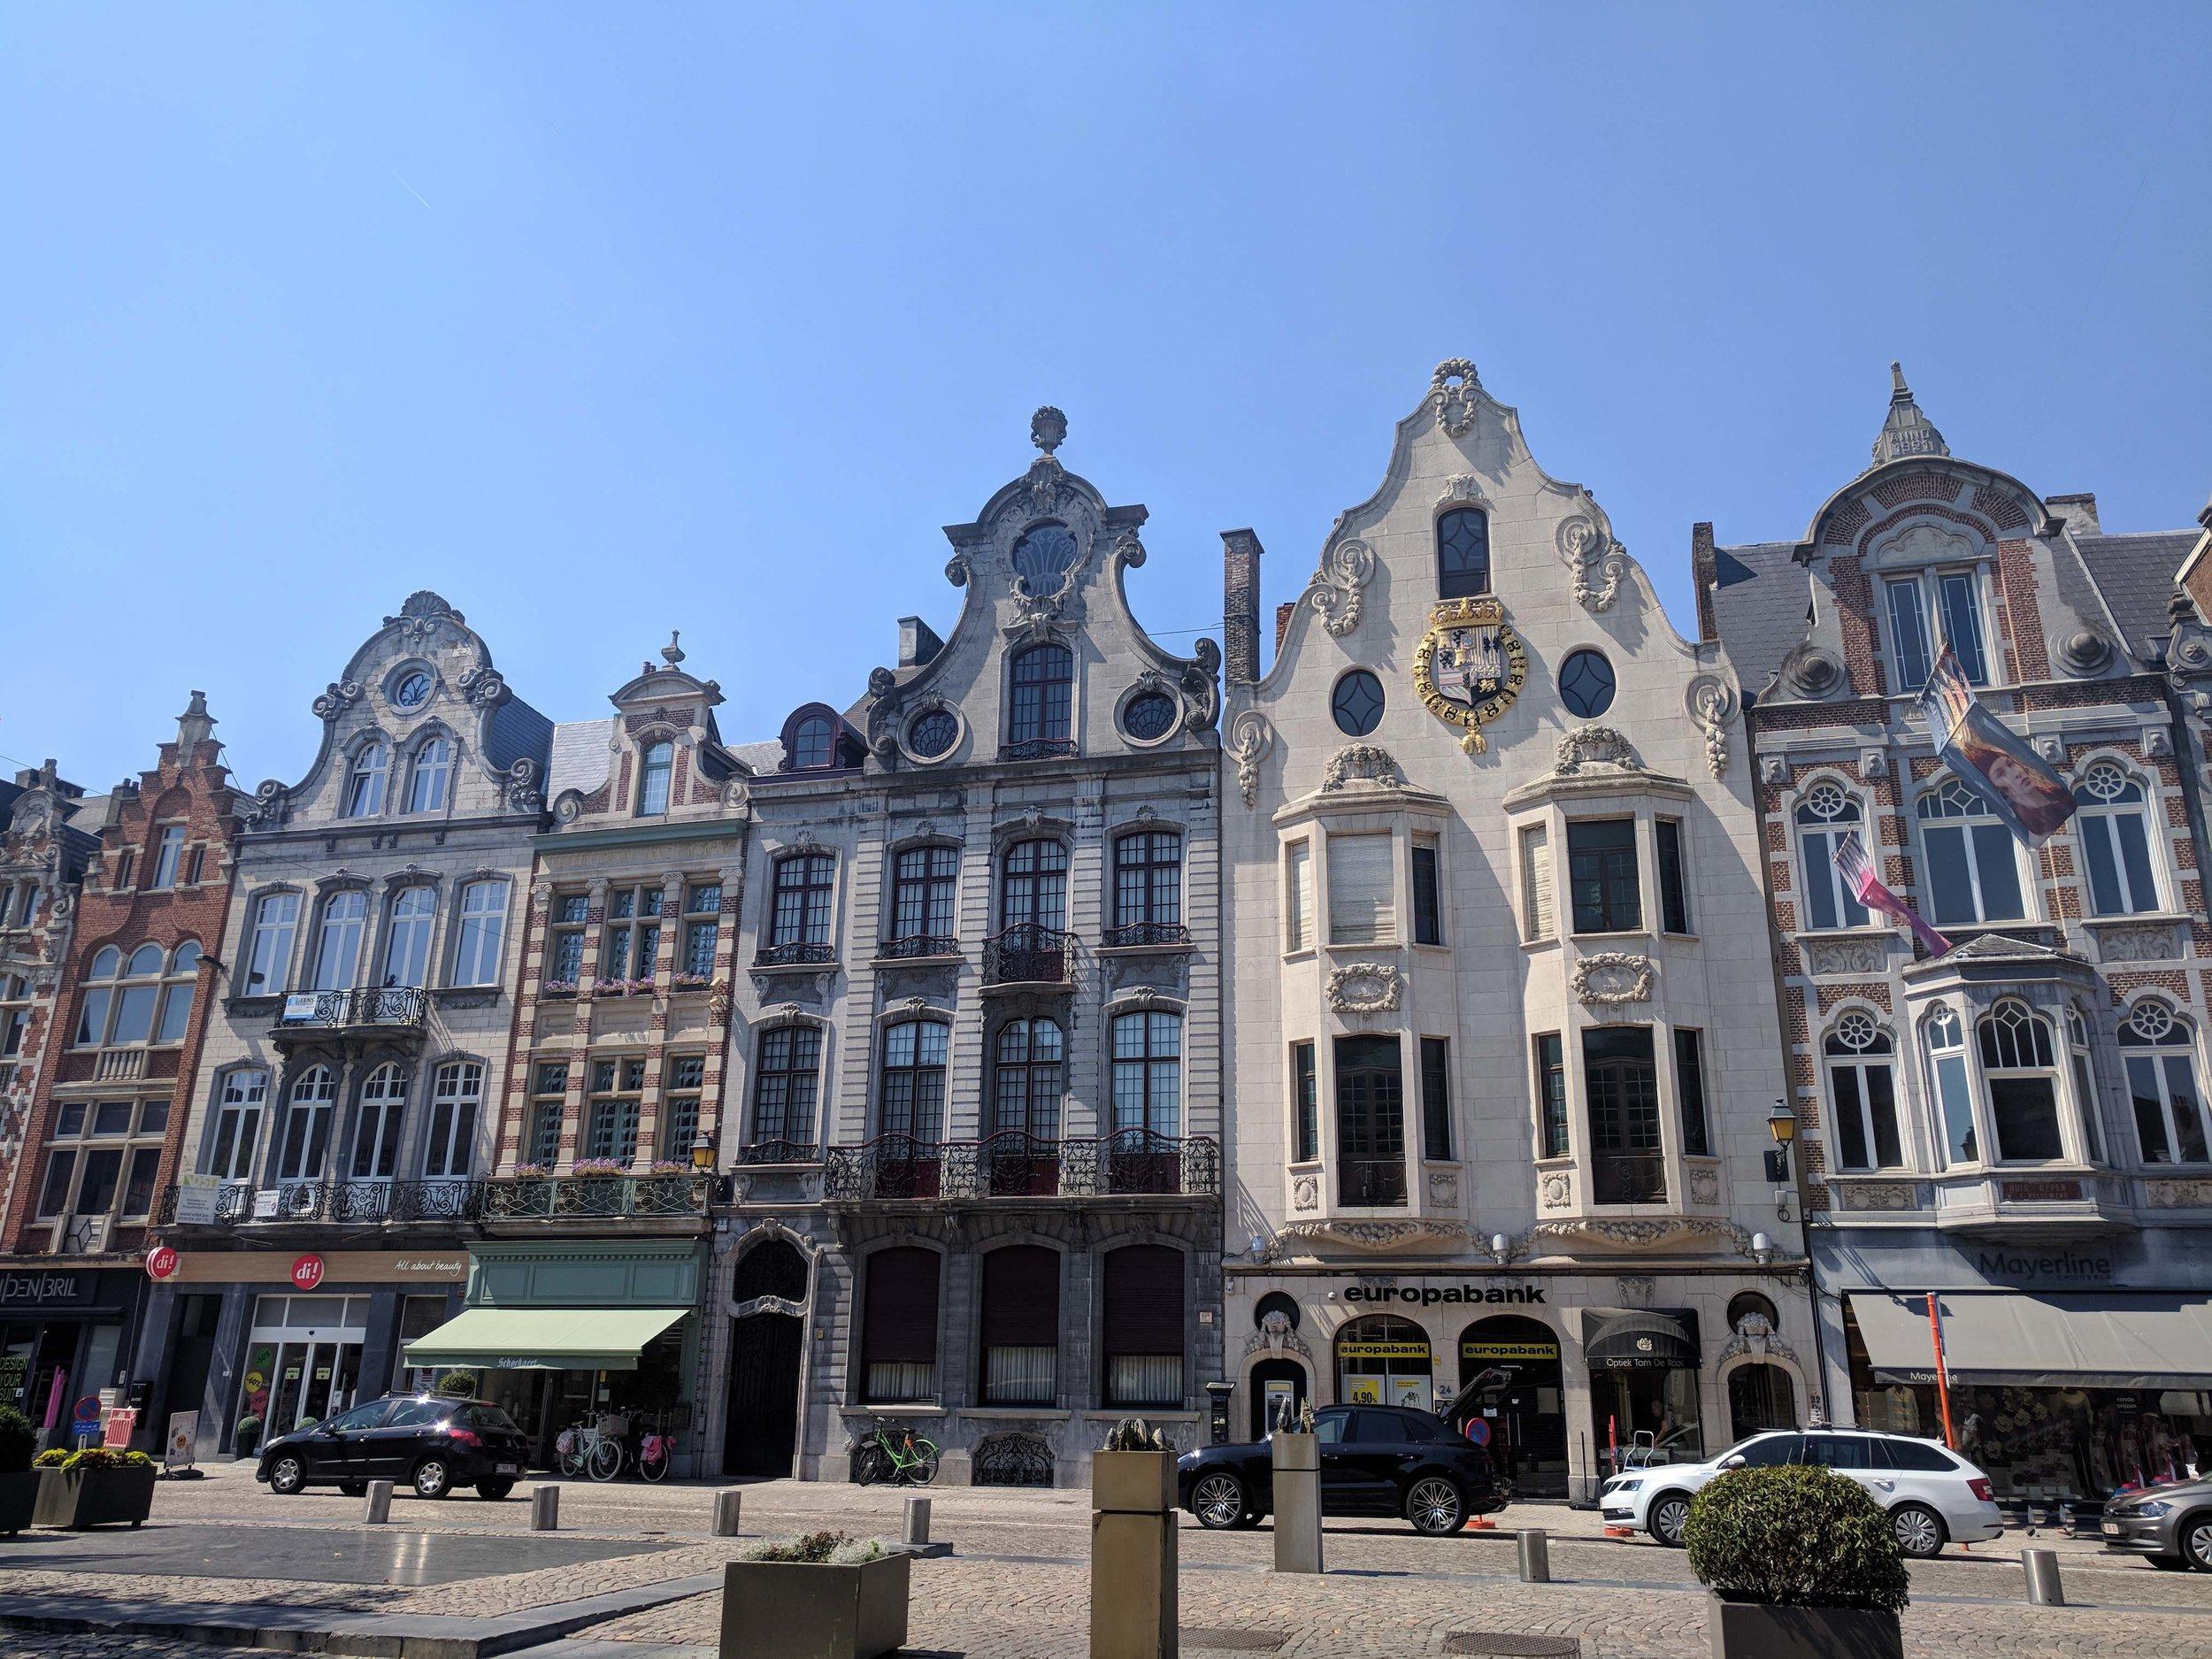 Lovely architecture in Mechelen